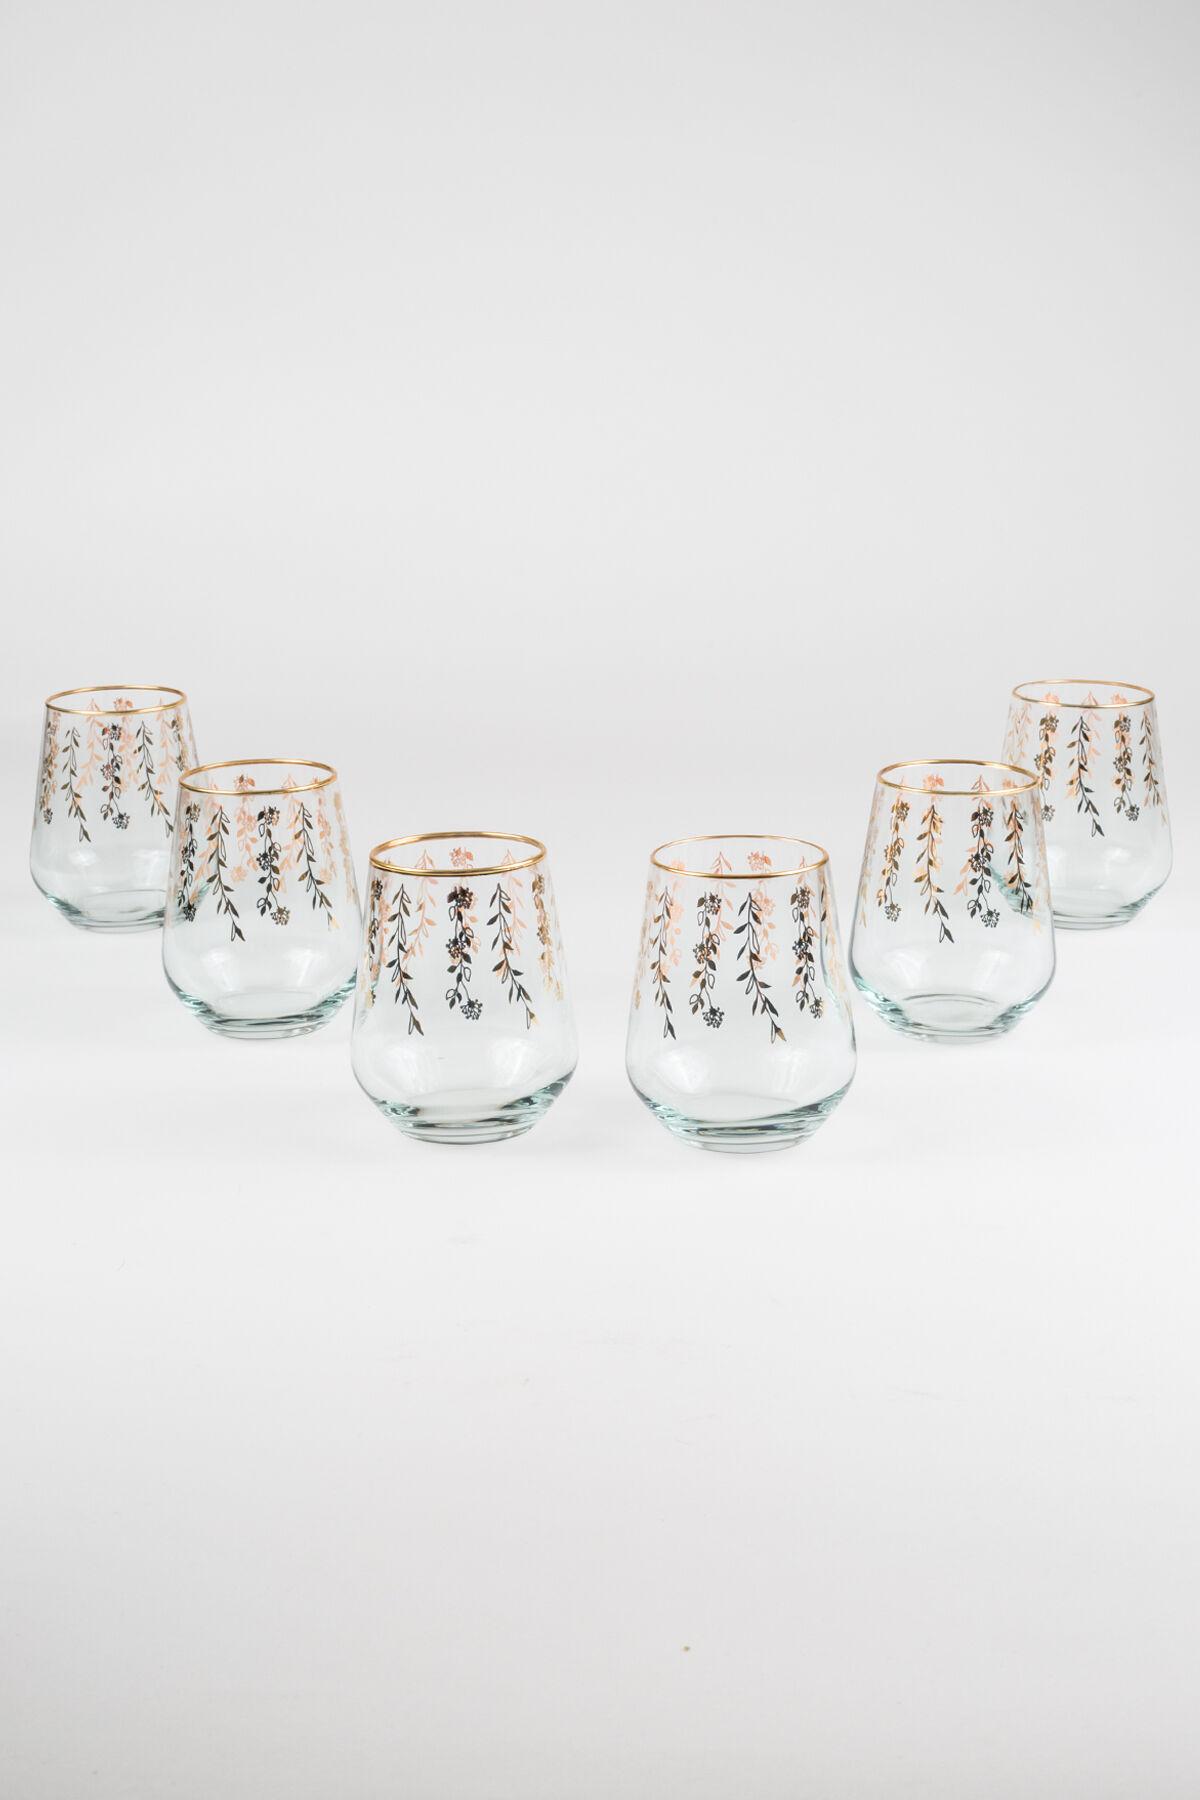 Rakle 425 cc Pera 6'lı Meşrubat Bardağı Seti - Markalar